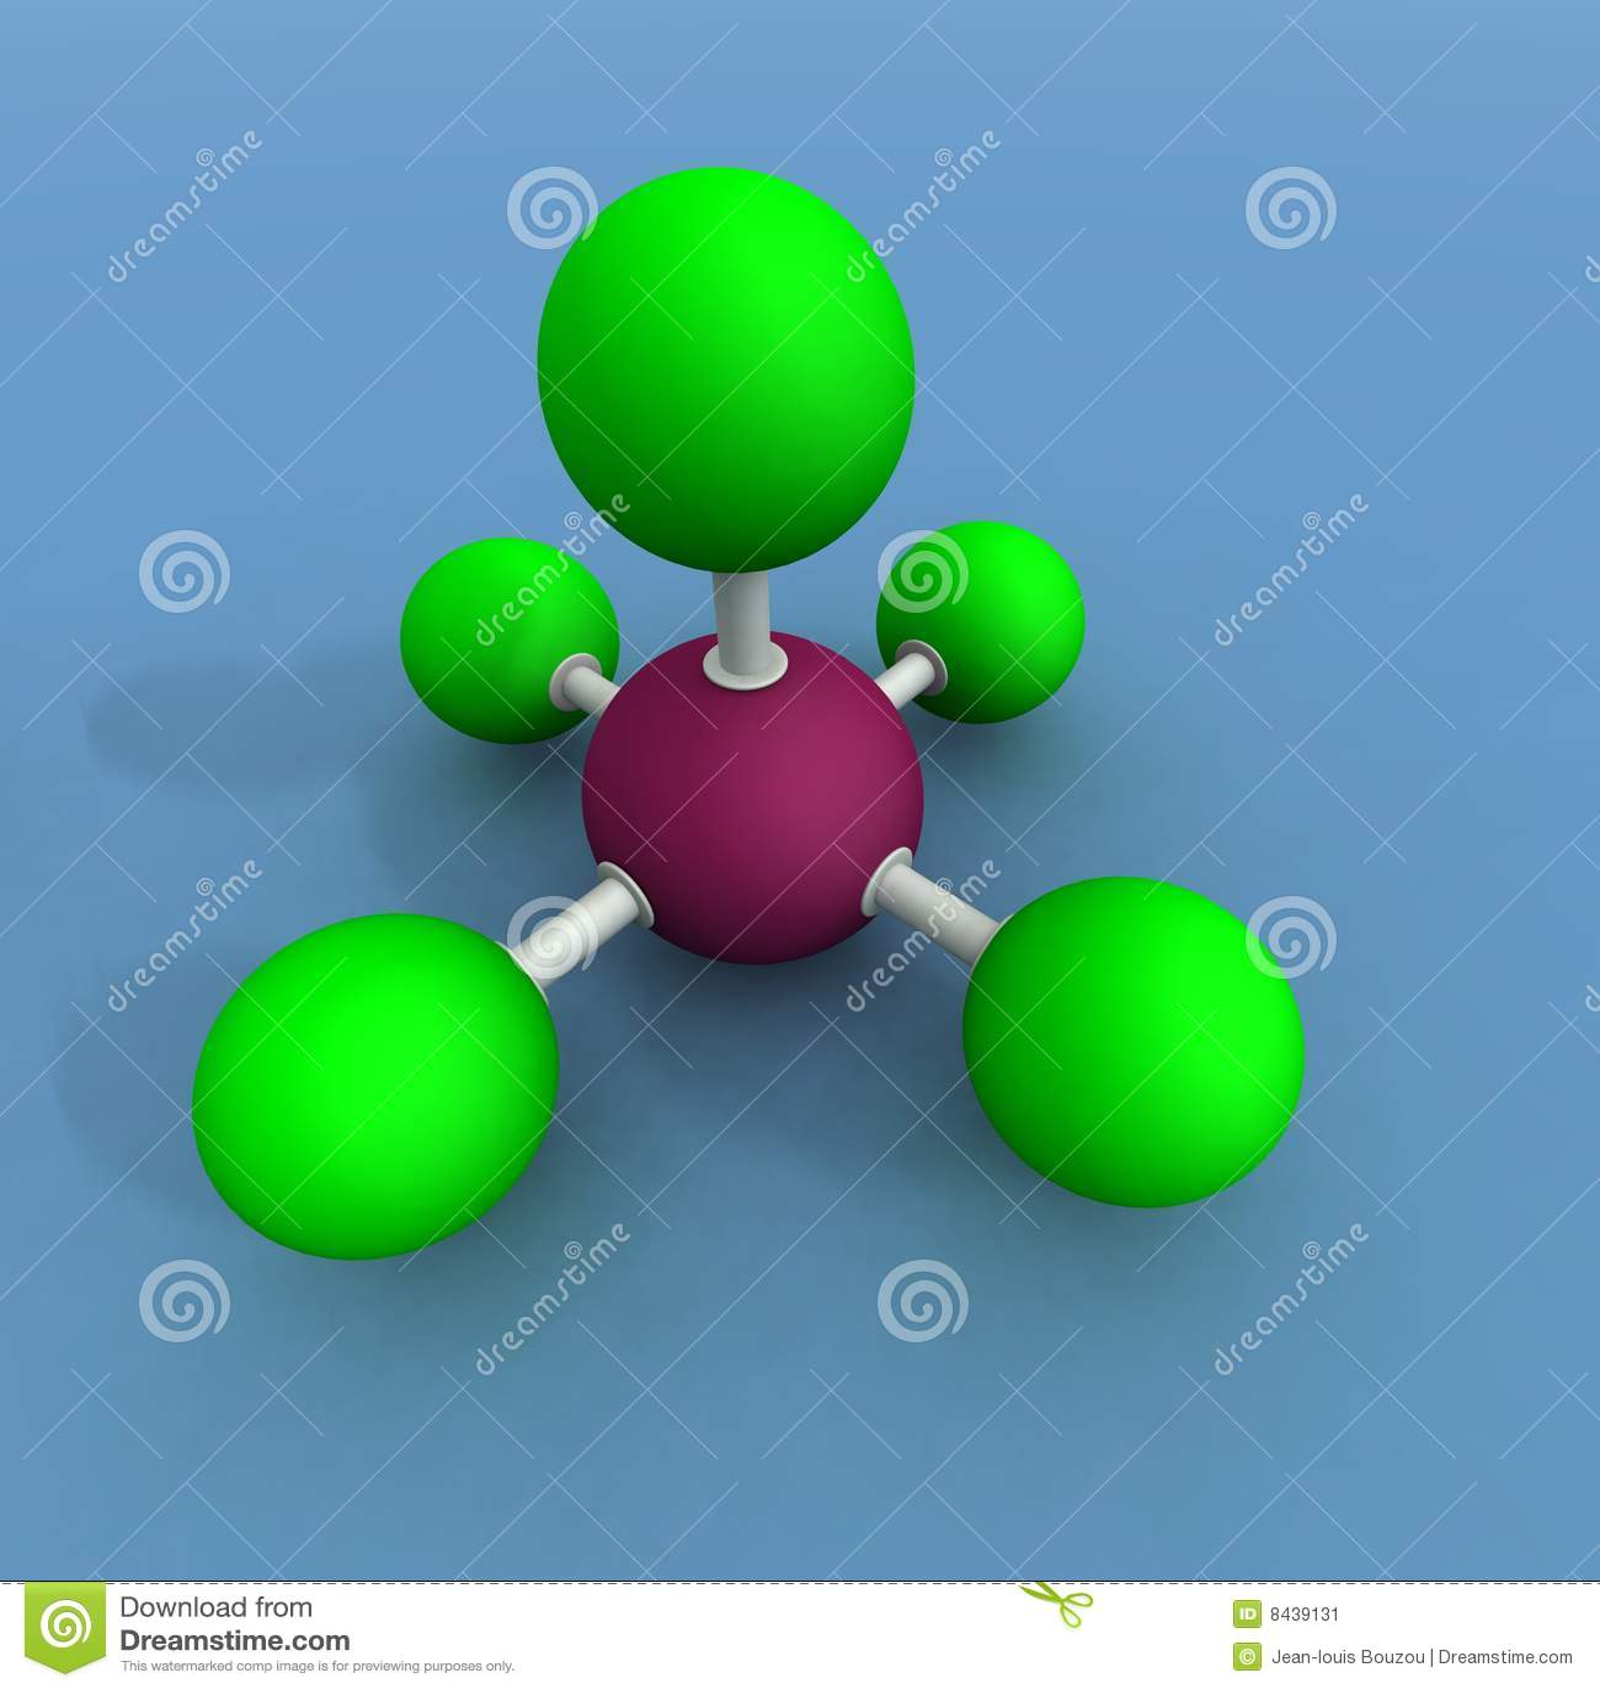 Bromine Fluoride Molecule Stock Image - Image: 8439131